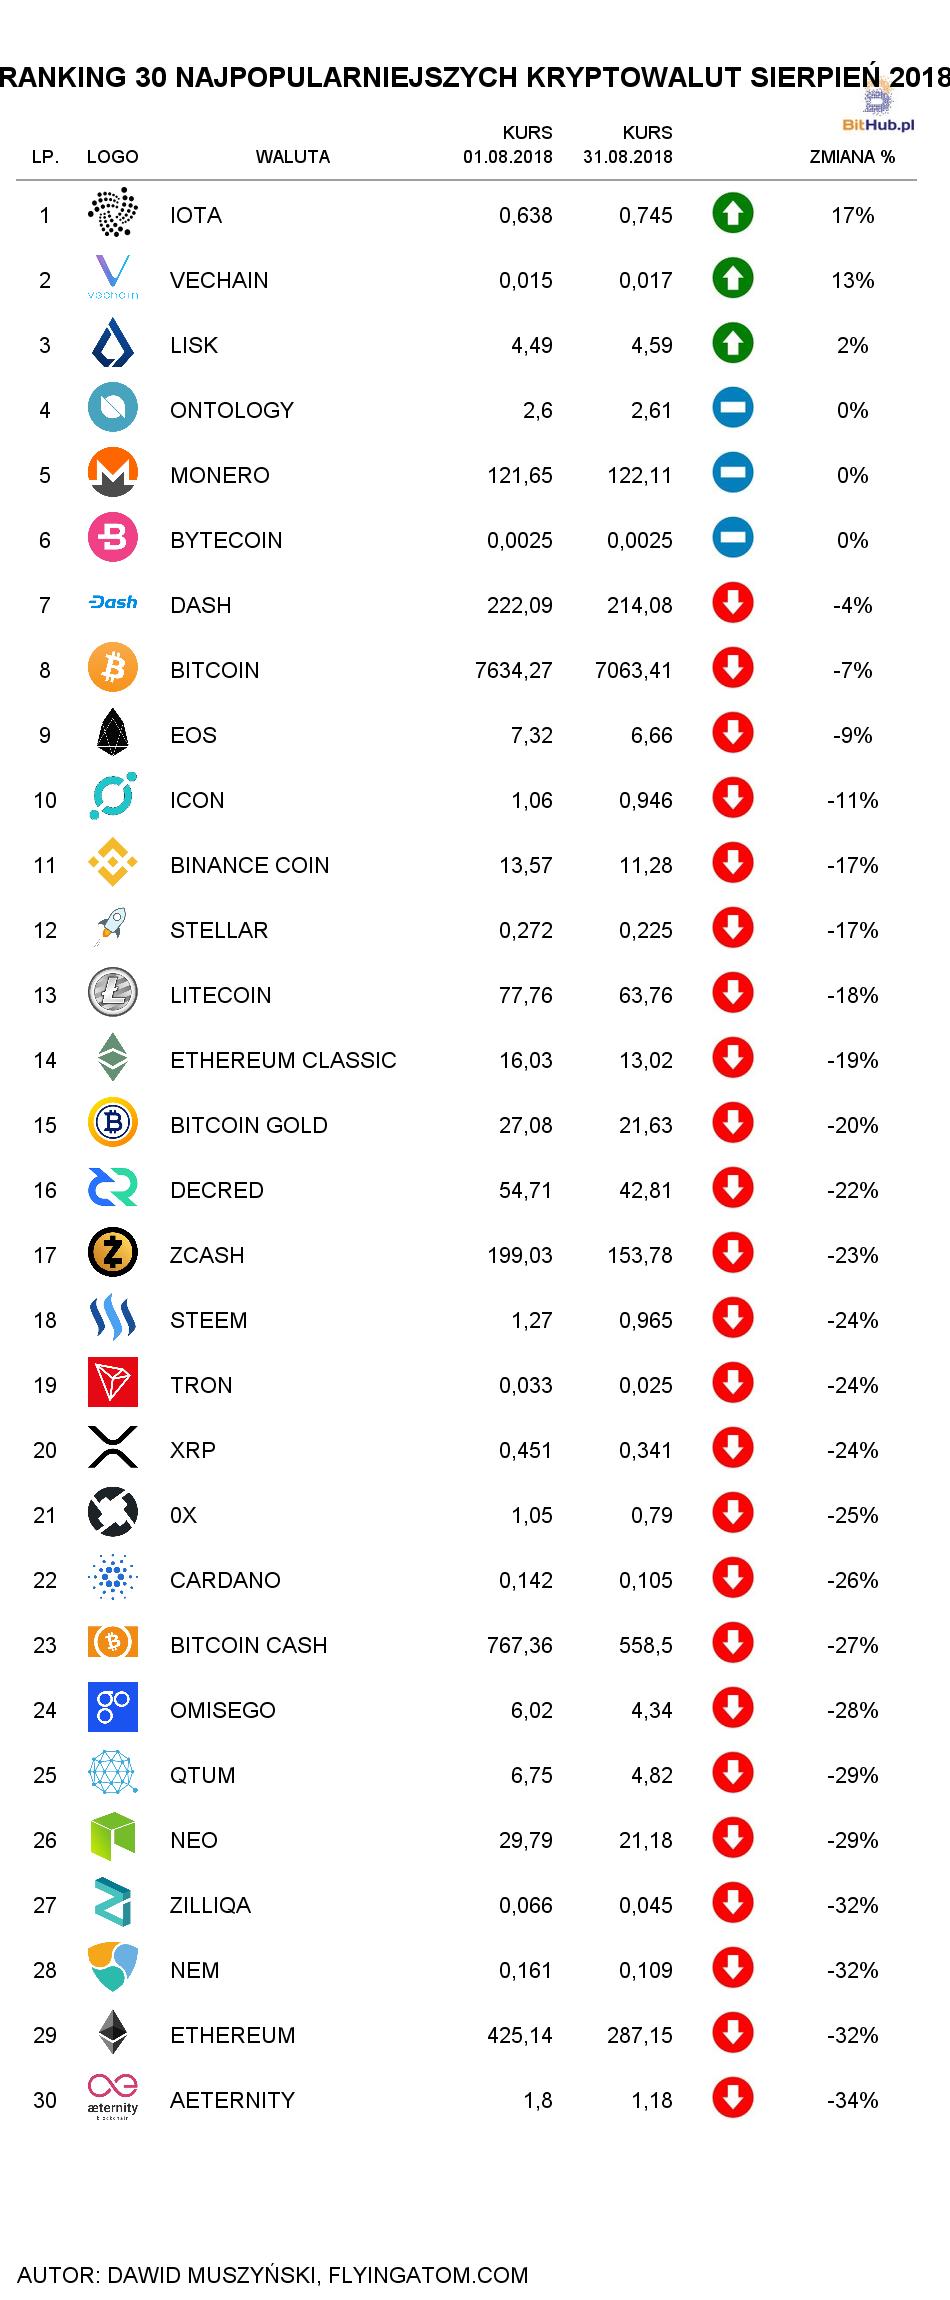 Ranking kryptowalut Sierpień 2018